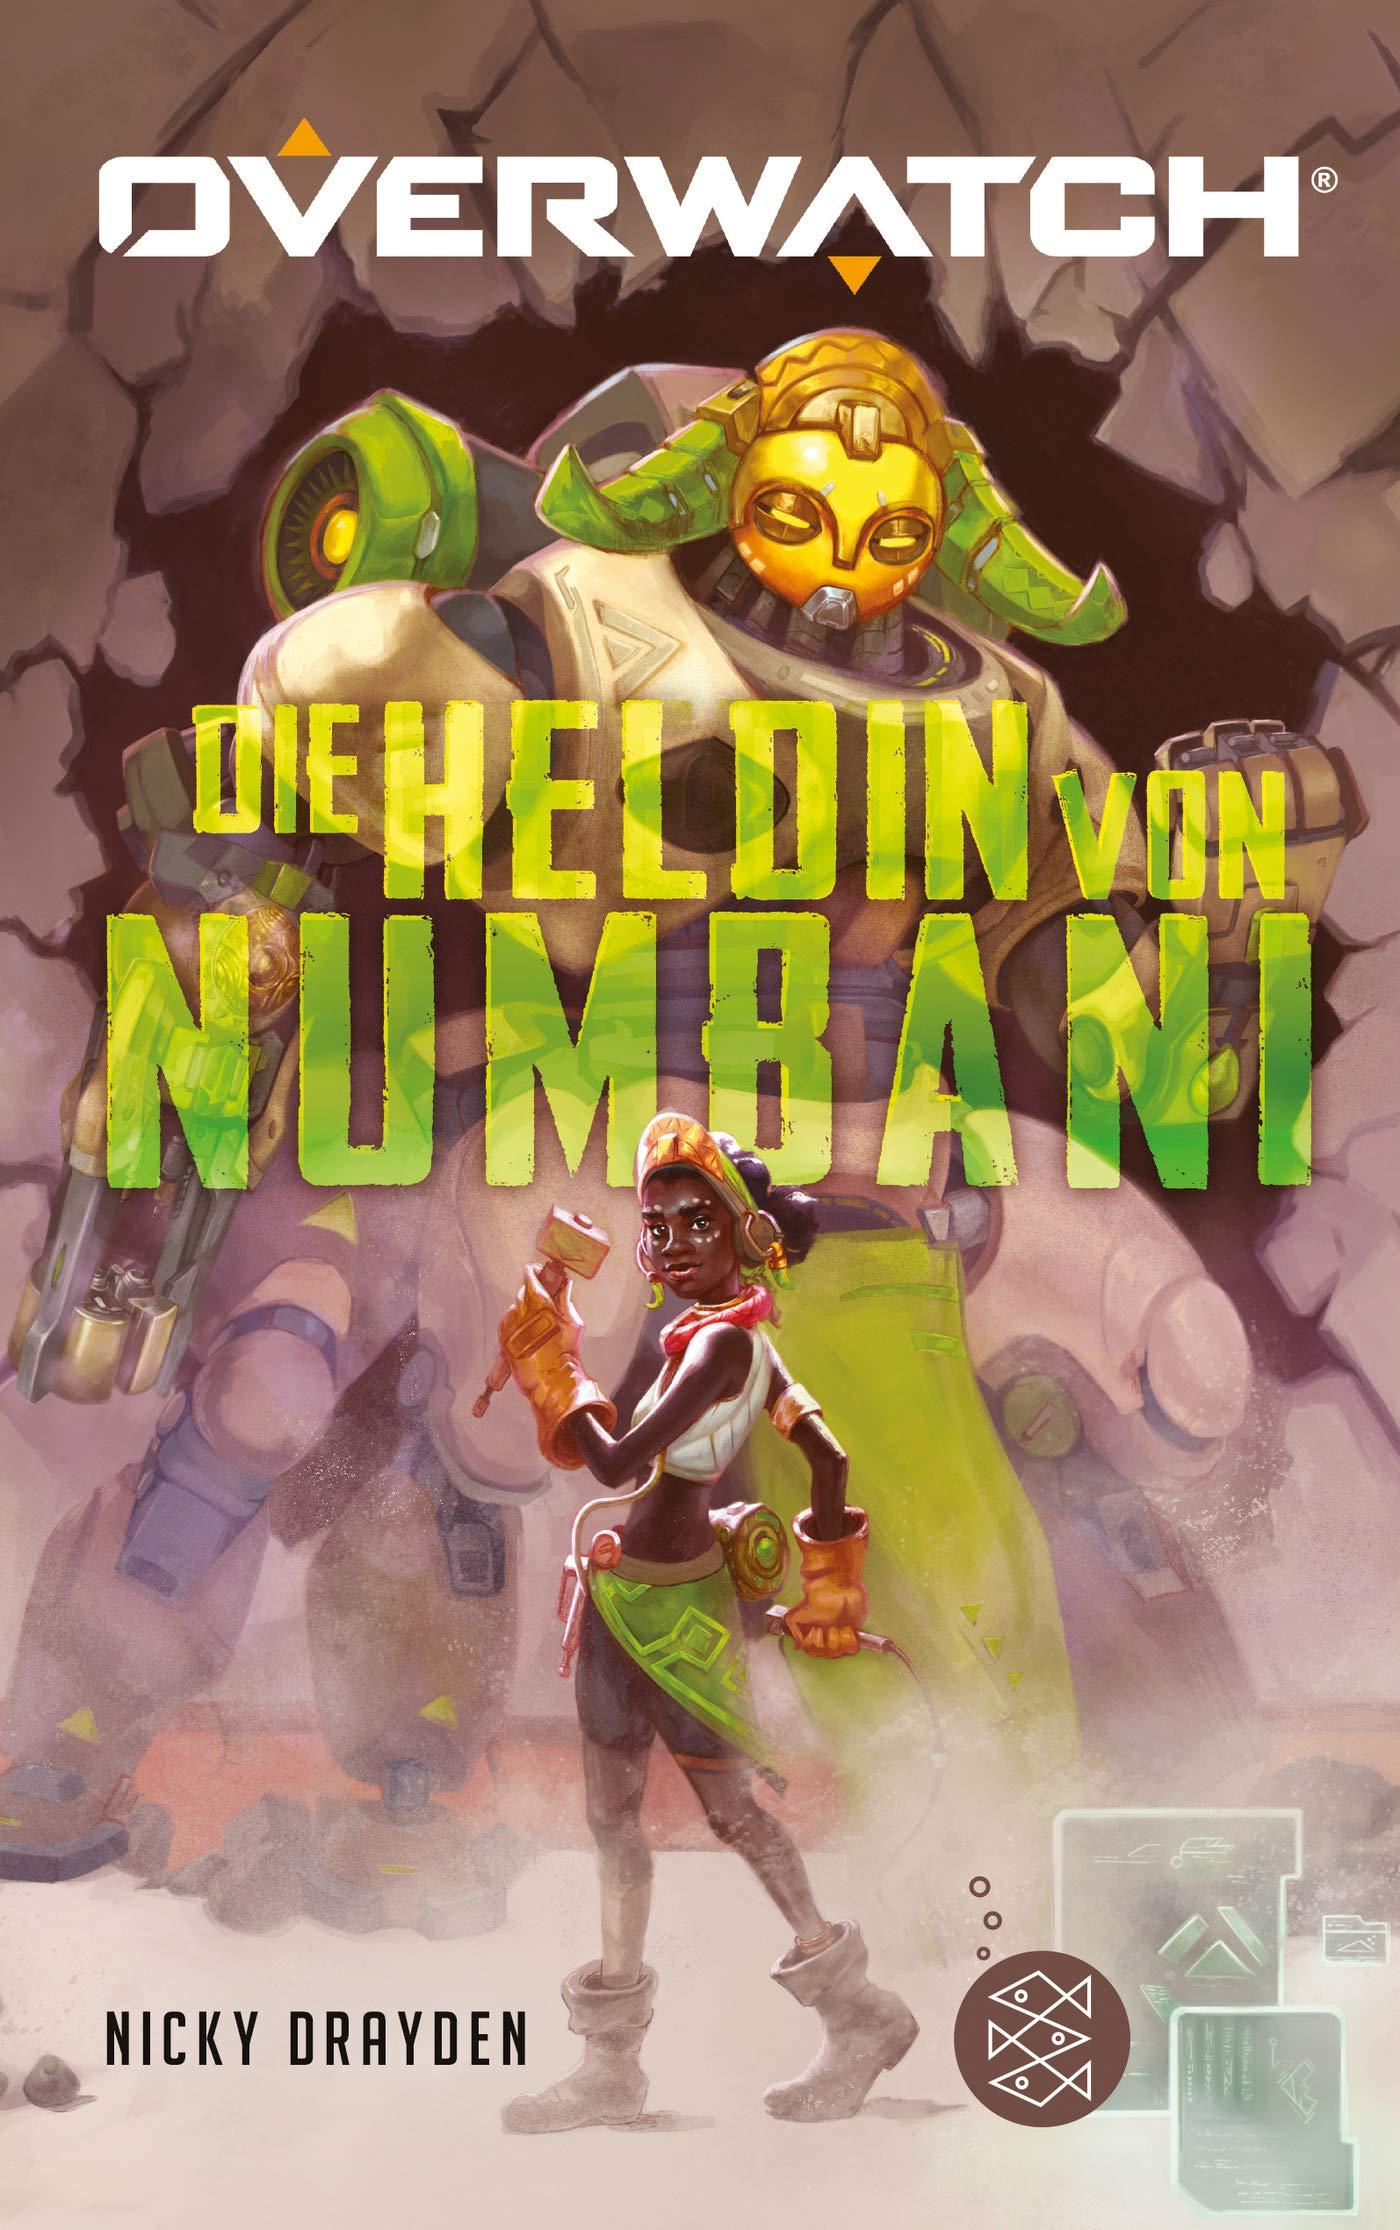 Overwatch - Die Heldin von Numbani: Amazon.es: Drayden, Nicky, Peterschmidt, Betsy, Fricke, Kerstin: Libros en idiomas extranjeros